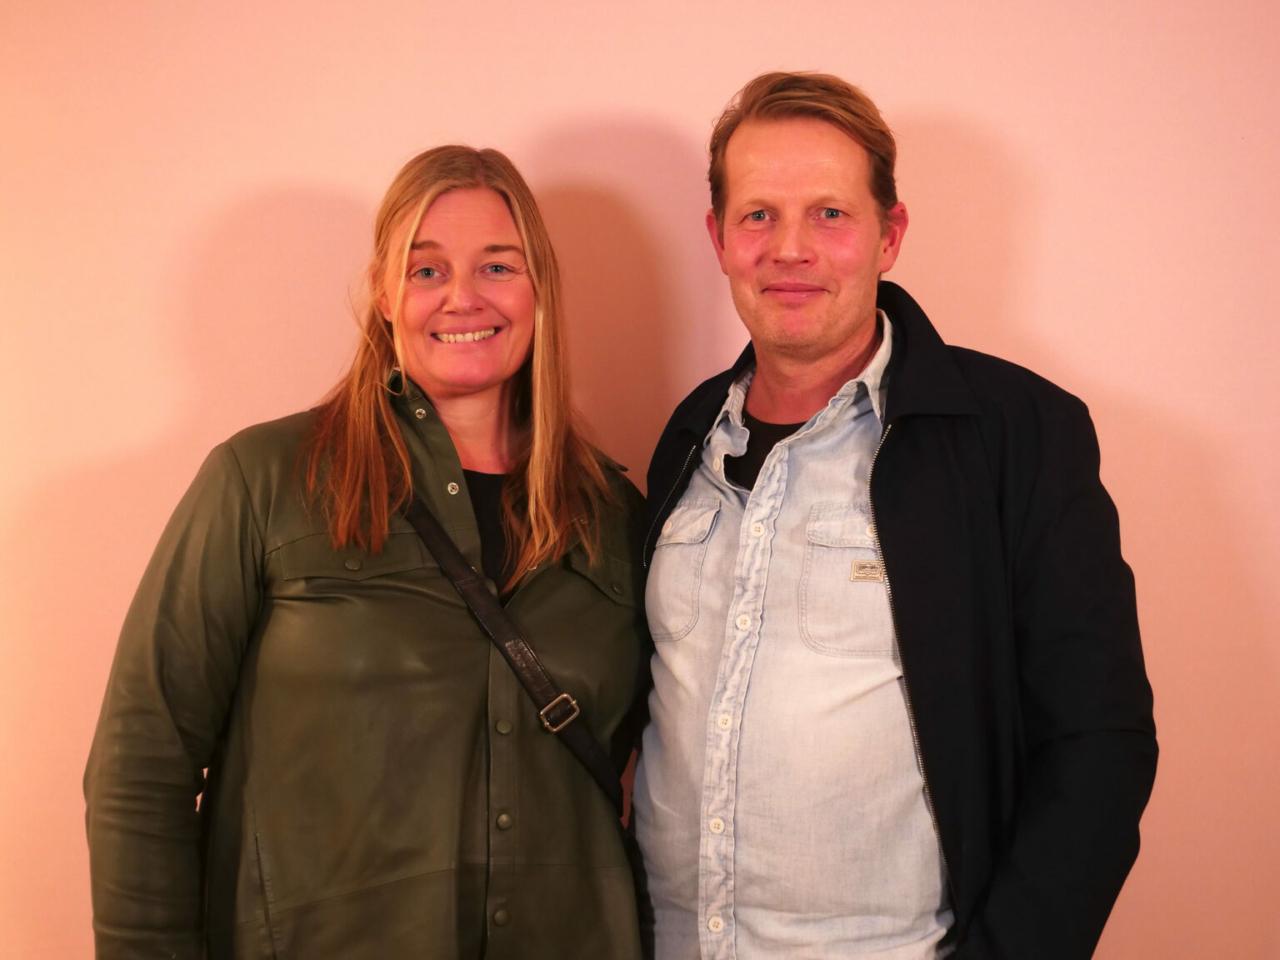 Michelle Hviid og Morten Brix til Storydays